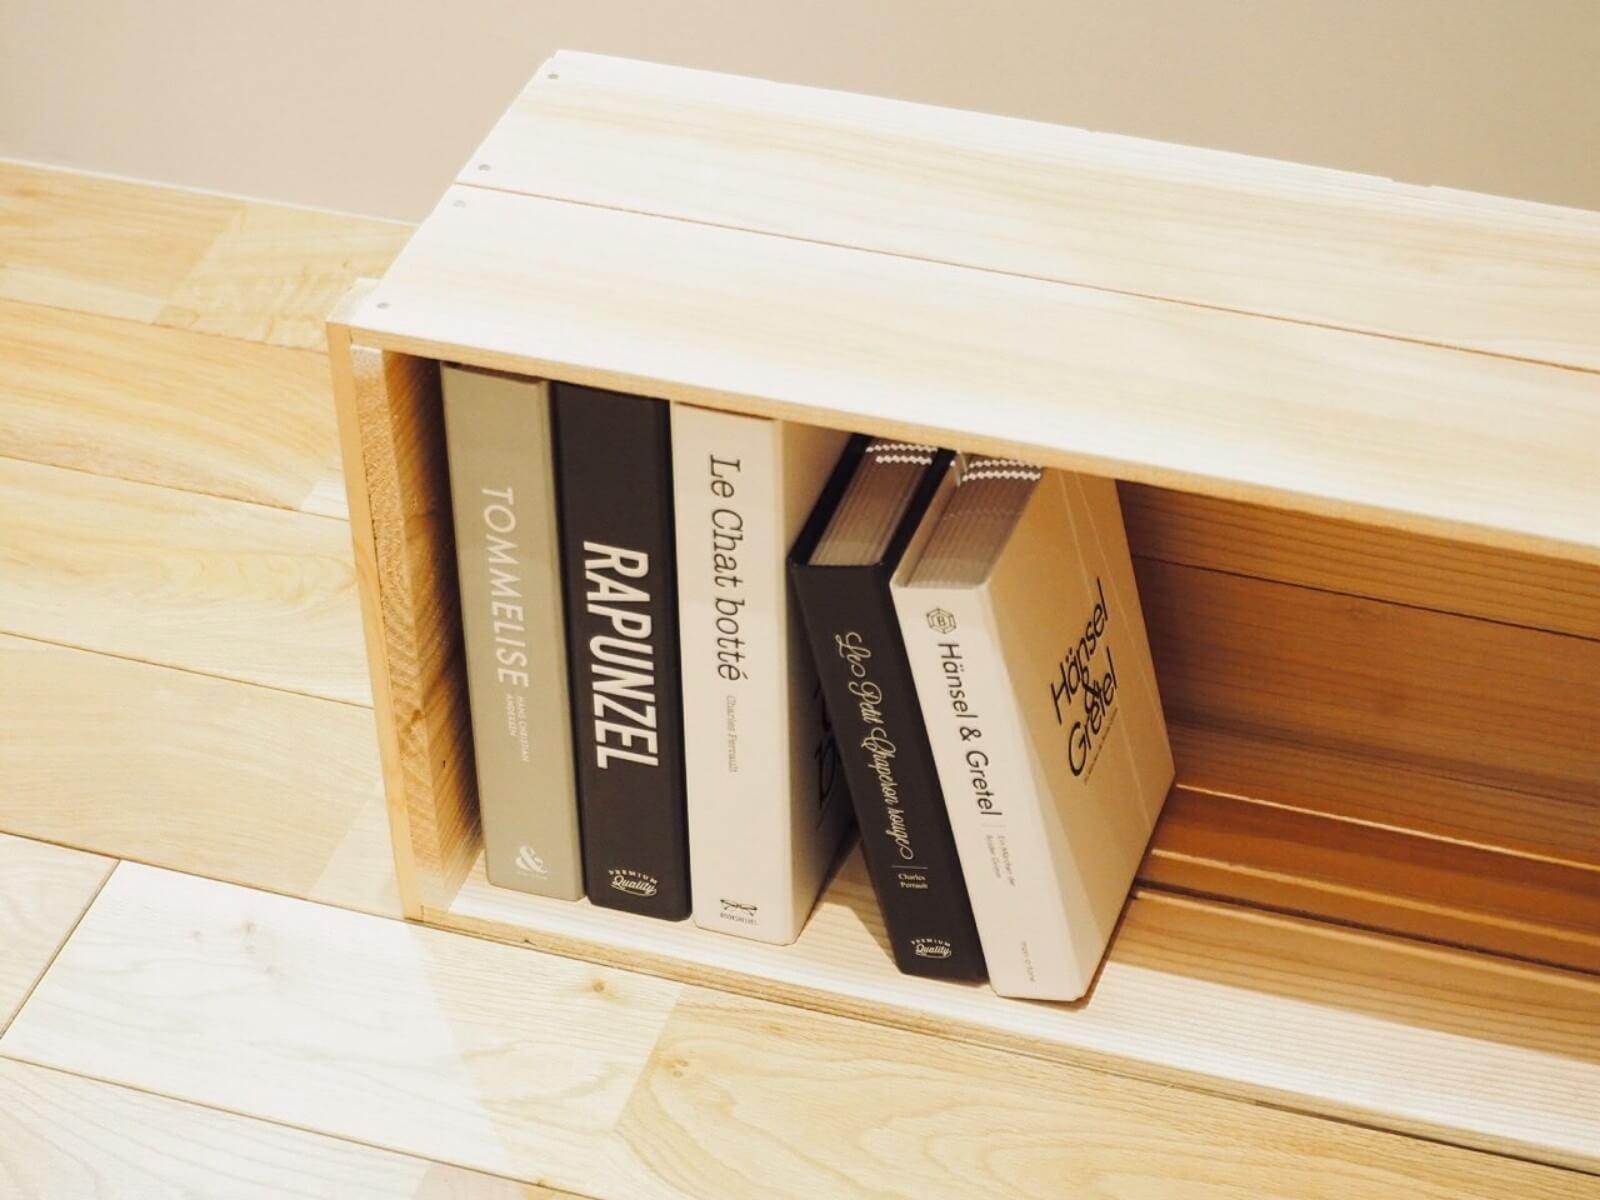 一般的なりんご箱はA4サイズを収めるときに少しだけ高さが足りないのですが、畠山商店がつくっている木箱は、A4が入るものもありますよ。(こちらをチェック)